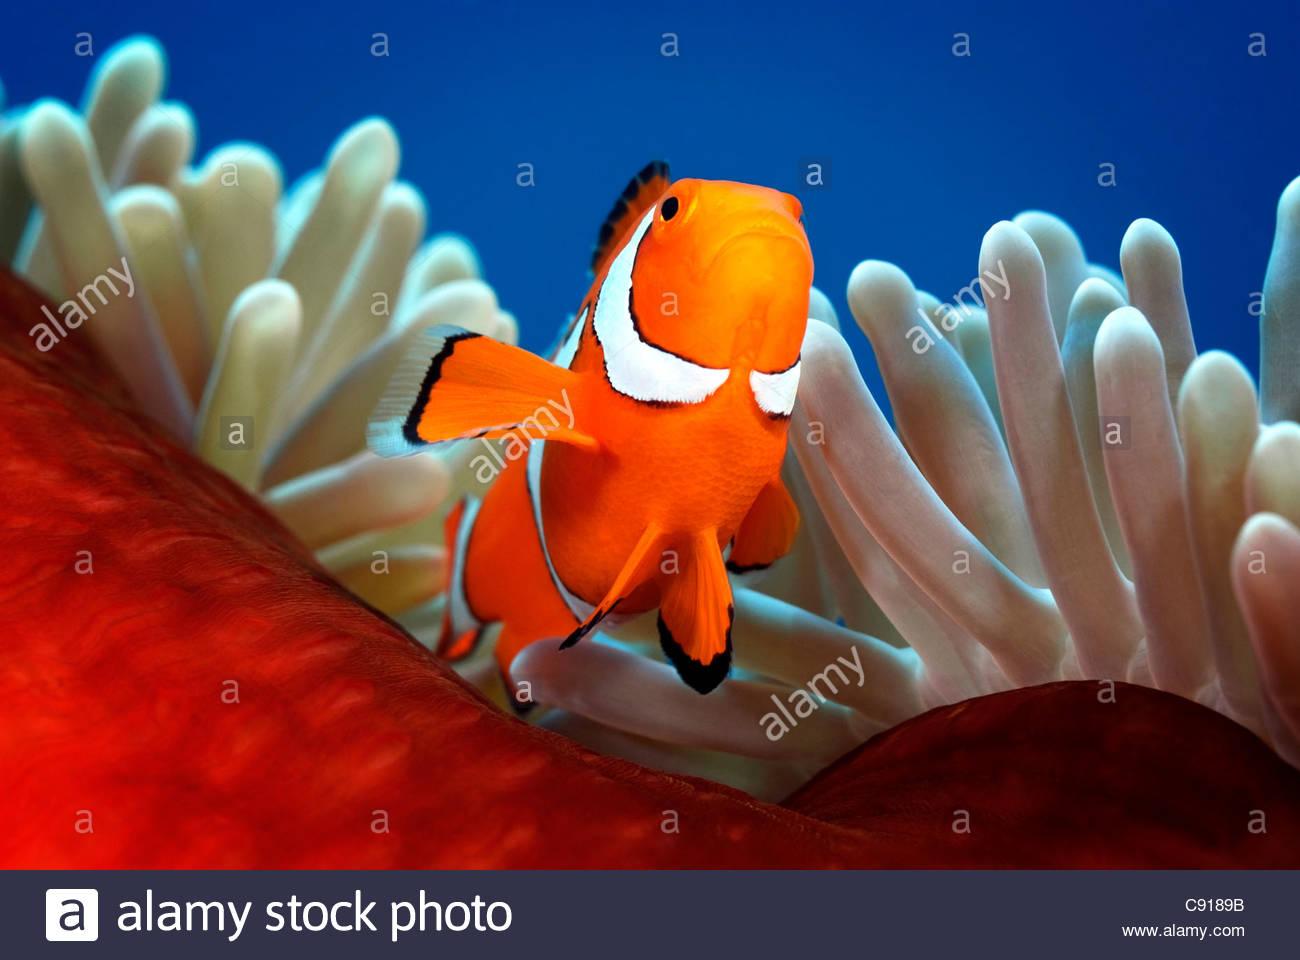 Close Up Of Clownfish Stock Photos & Close Up Of Clownfish Stock ...